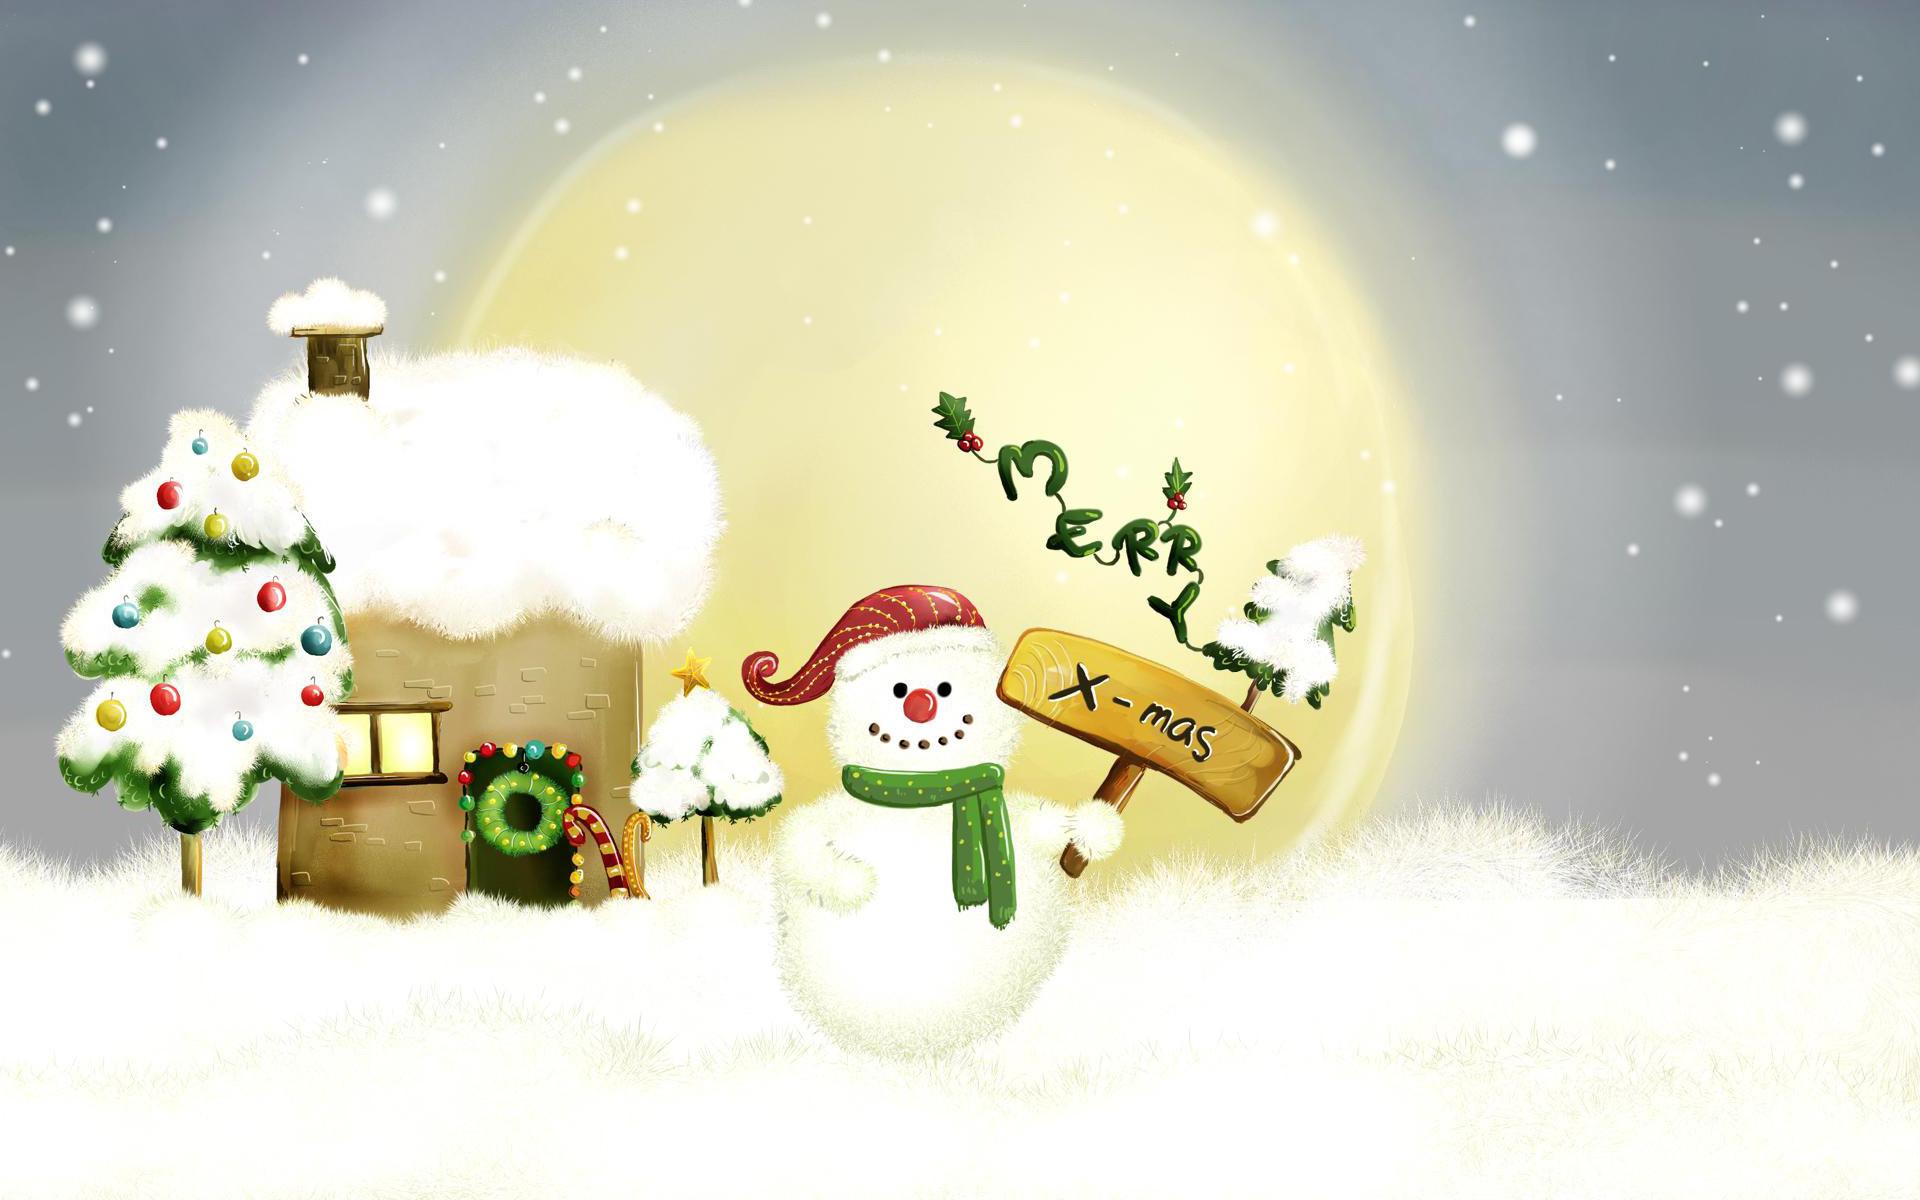 Snowman Merry Xmas